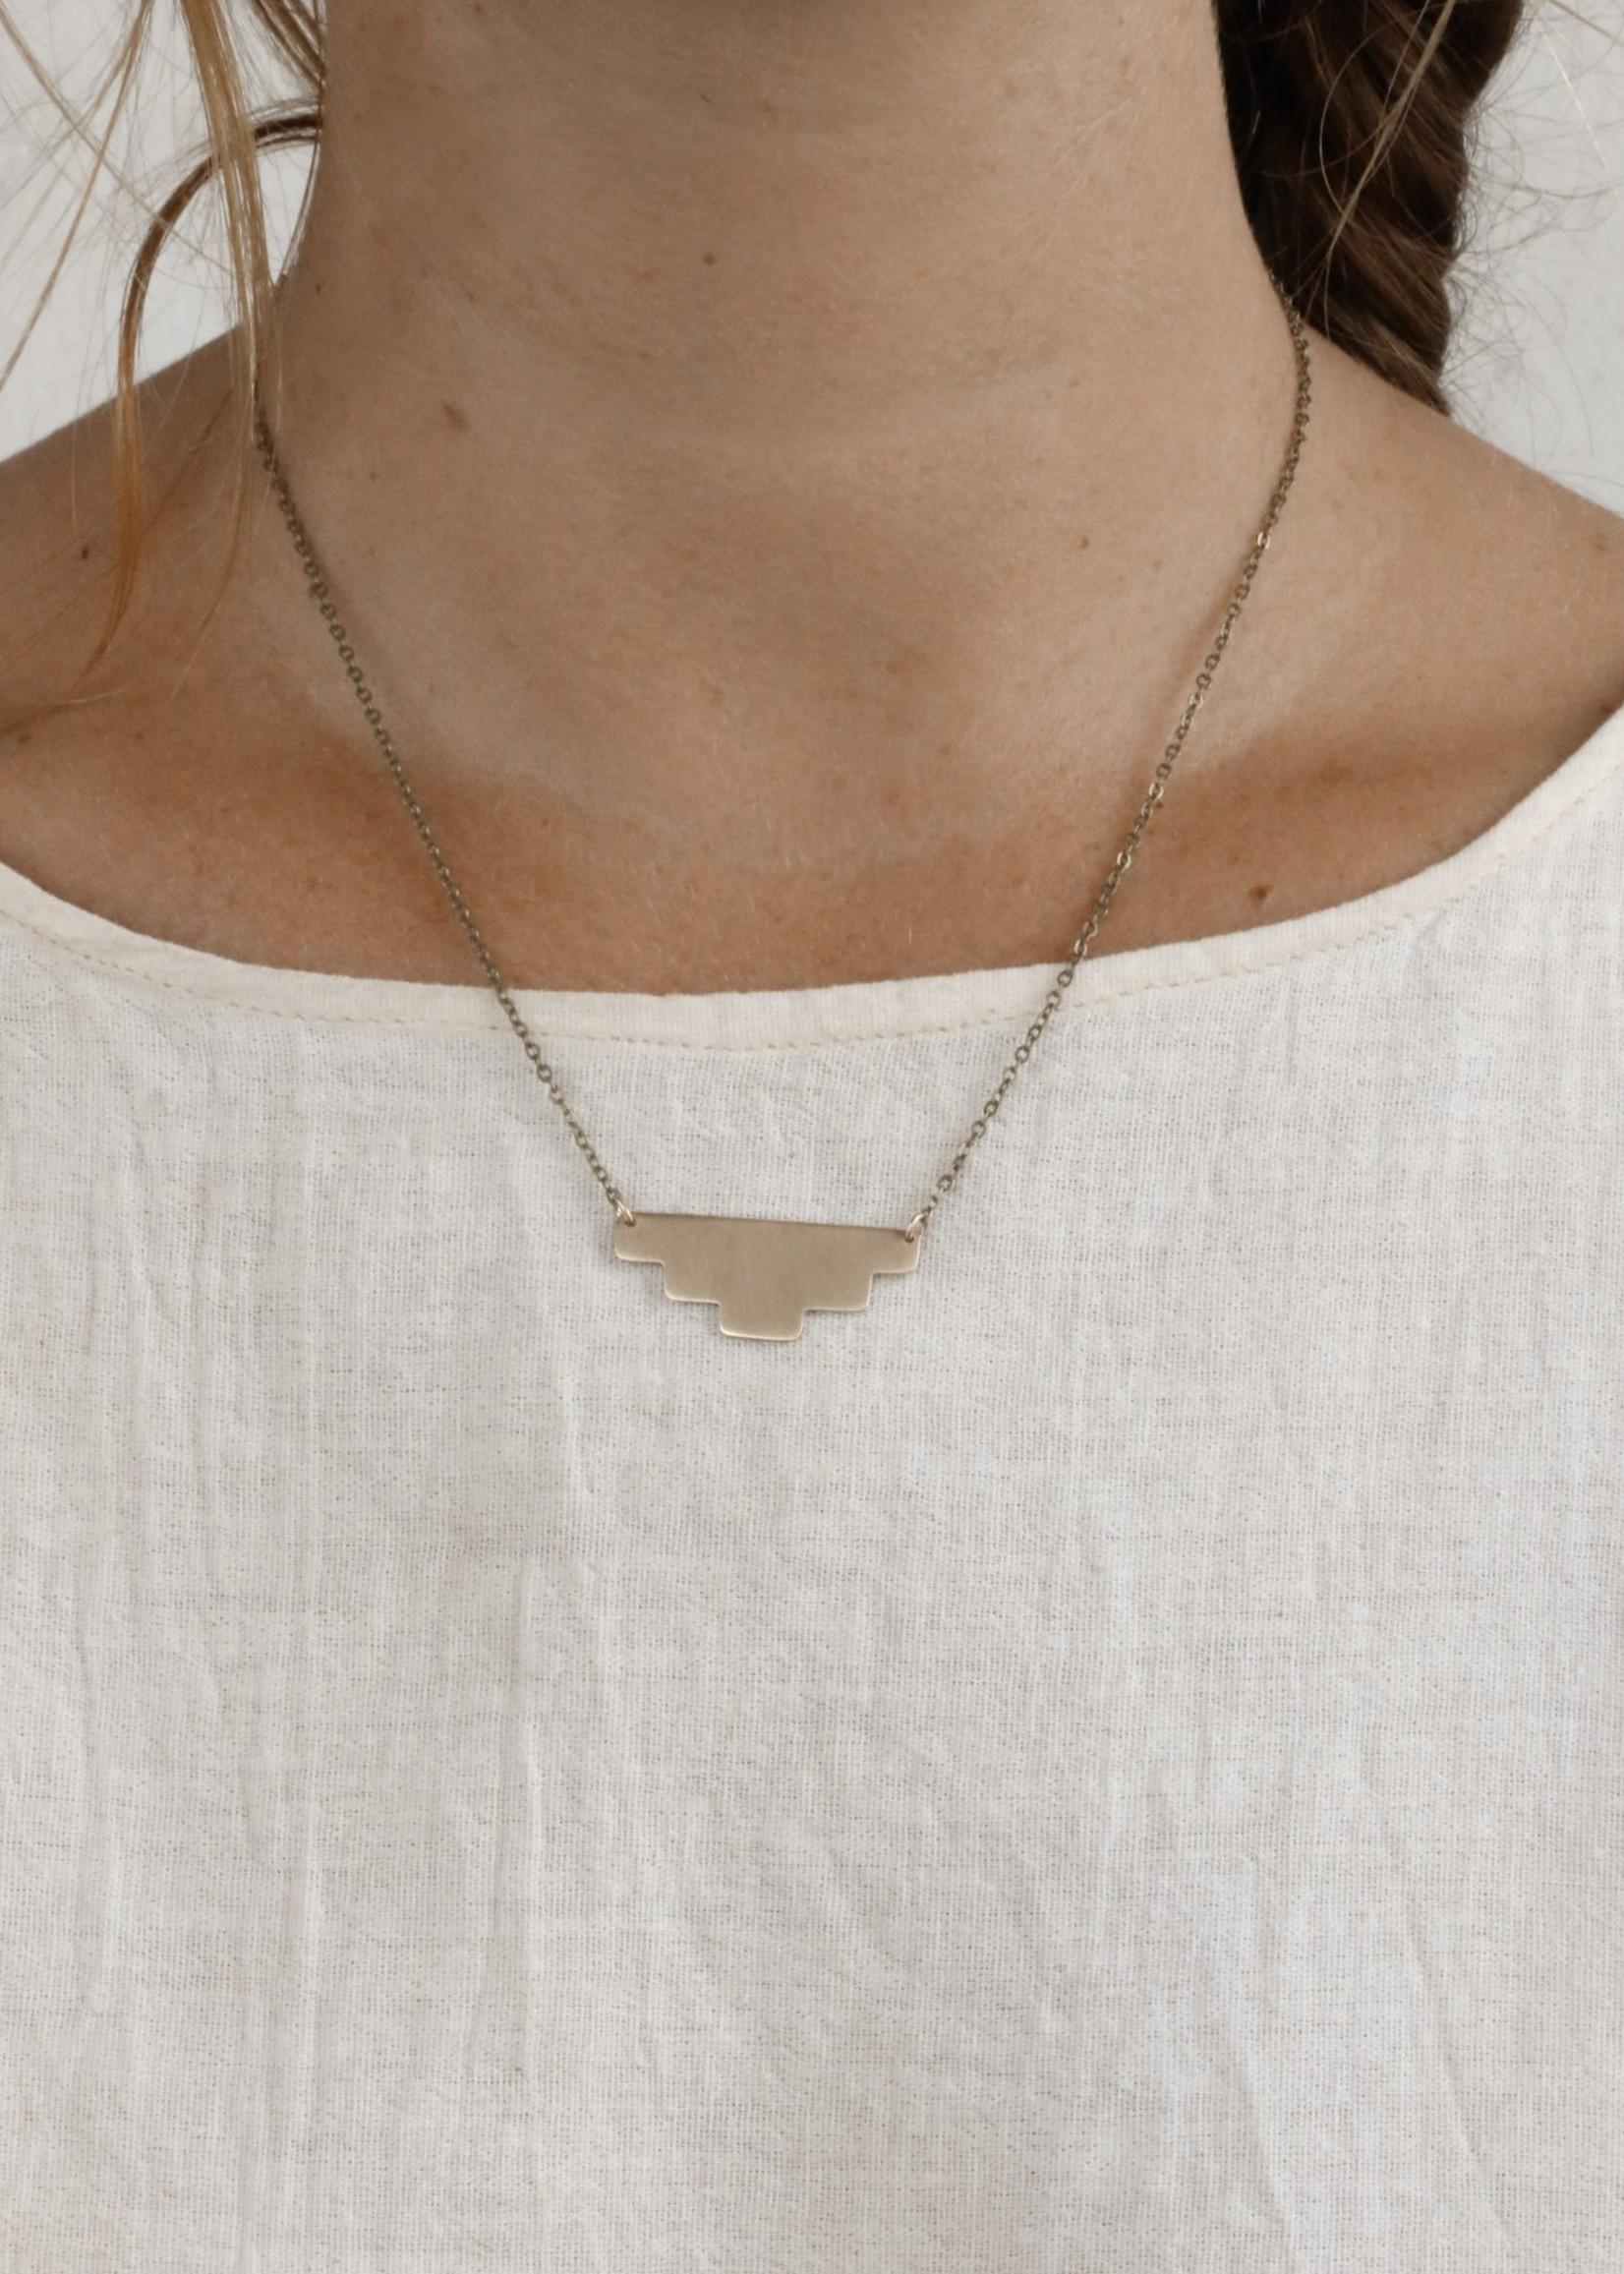 YEWO Singo Necklace